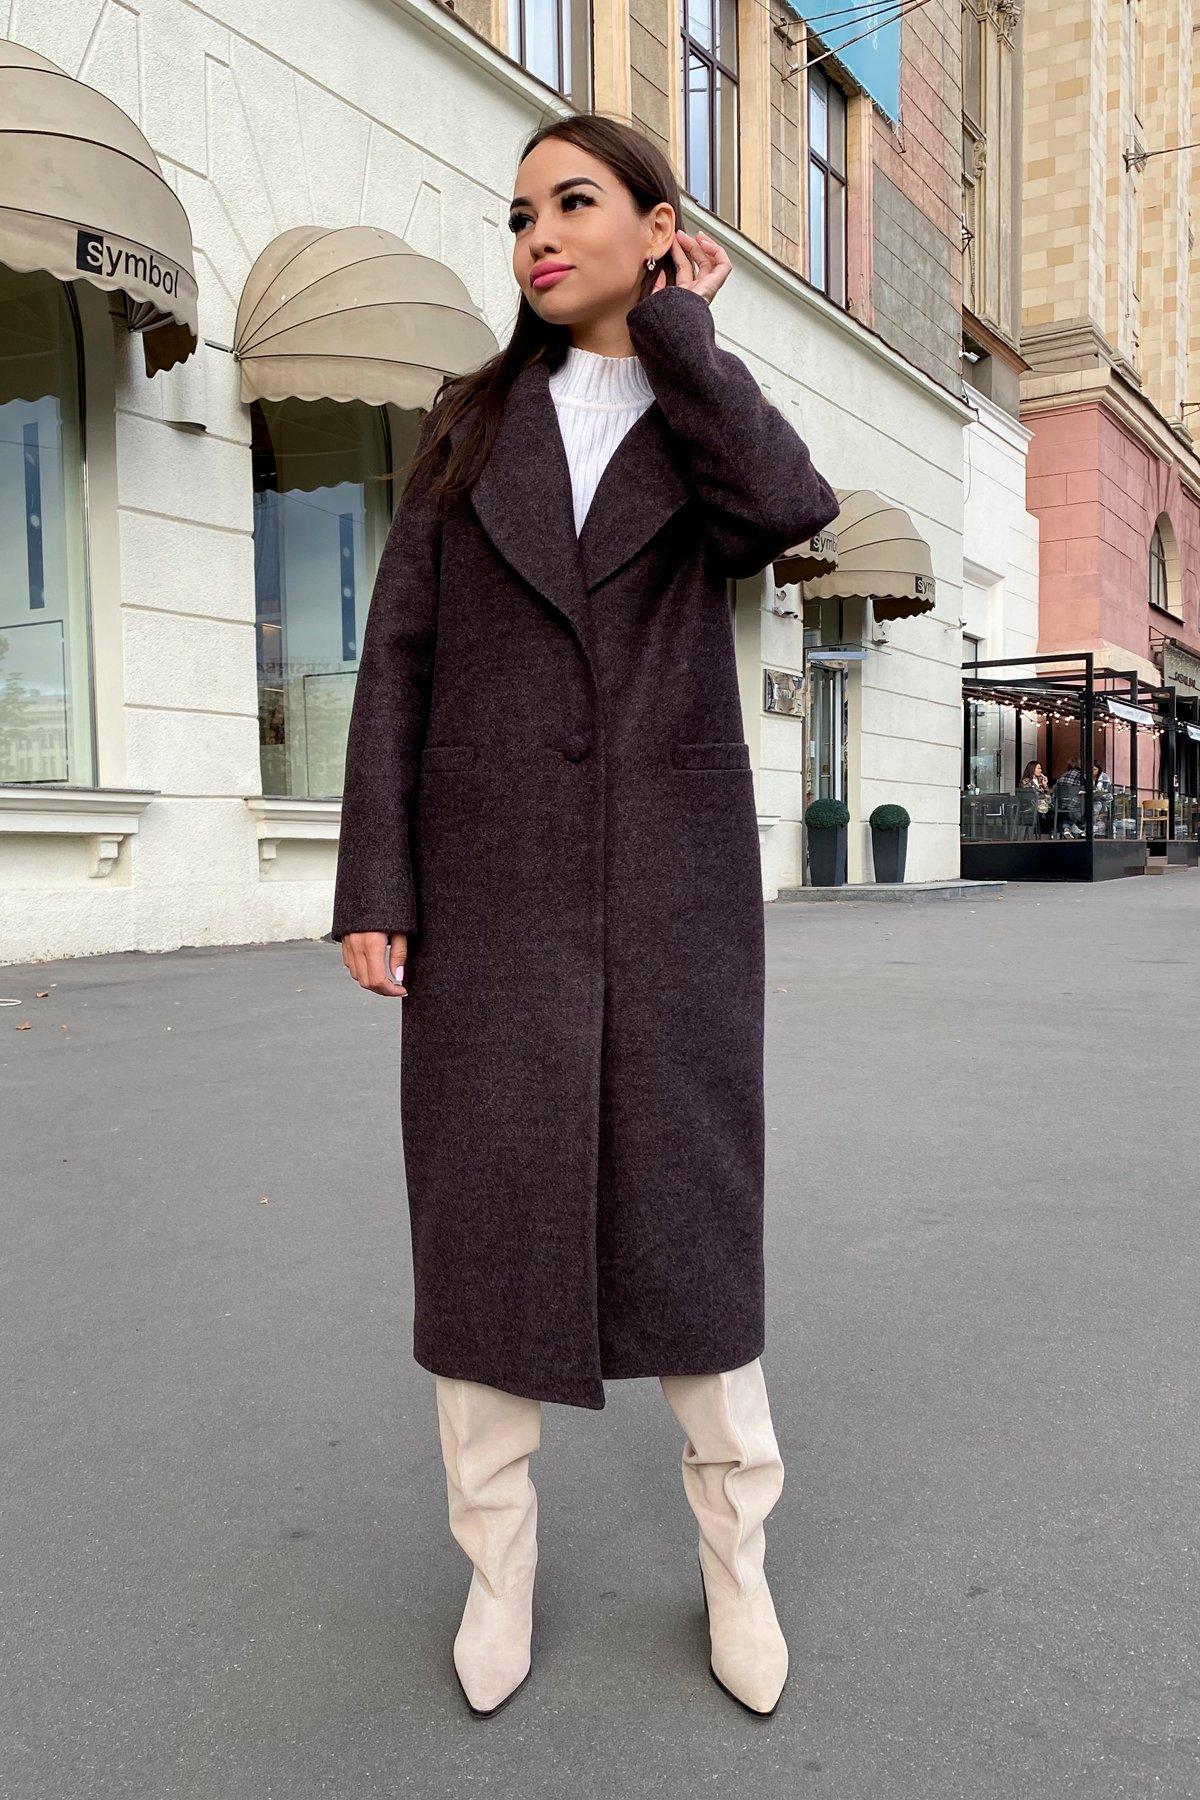 Длинное пальто зима Вива макси 8341 АРТ. 44495 Цвет: Шоколад 7 - фото 5, интернет магазин tm-modus.ru